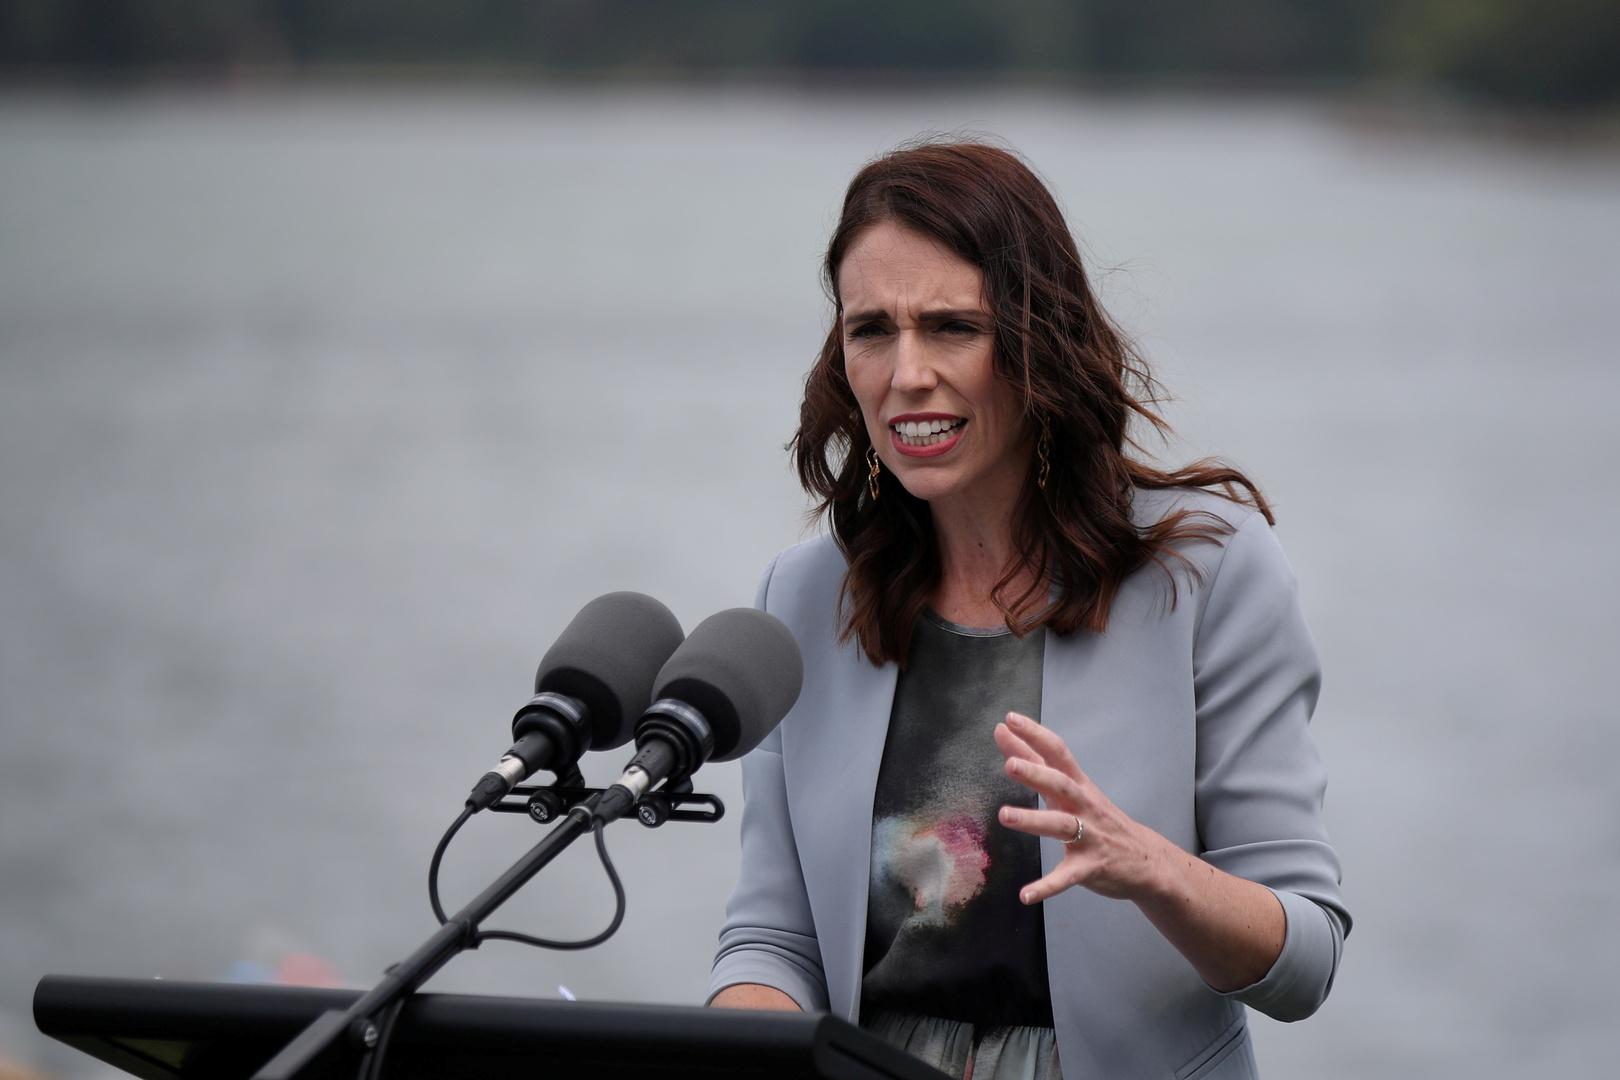 رئيسة وزراء نيوزيلندا تؤجل الانتخابات العامة حتى 17 أكتوبر